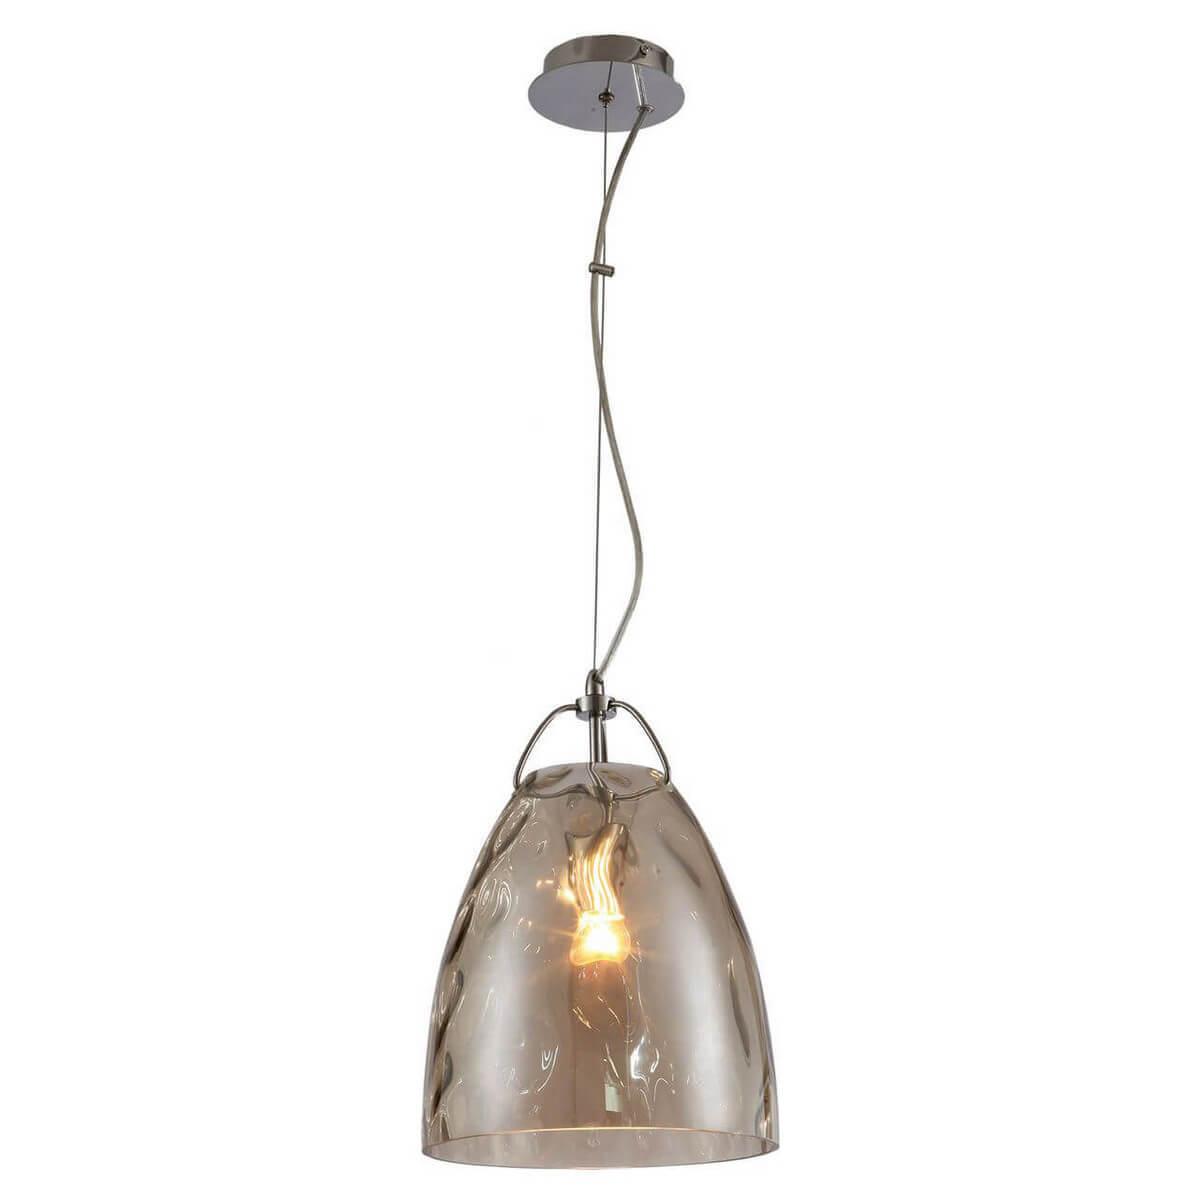 Подвесной светильник Lussole Loft GRLSP-9632 подвесной светильник lussole grlsp 9654 красный